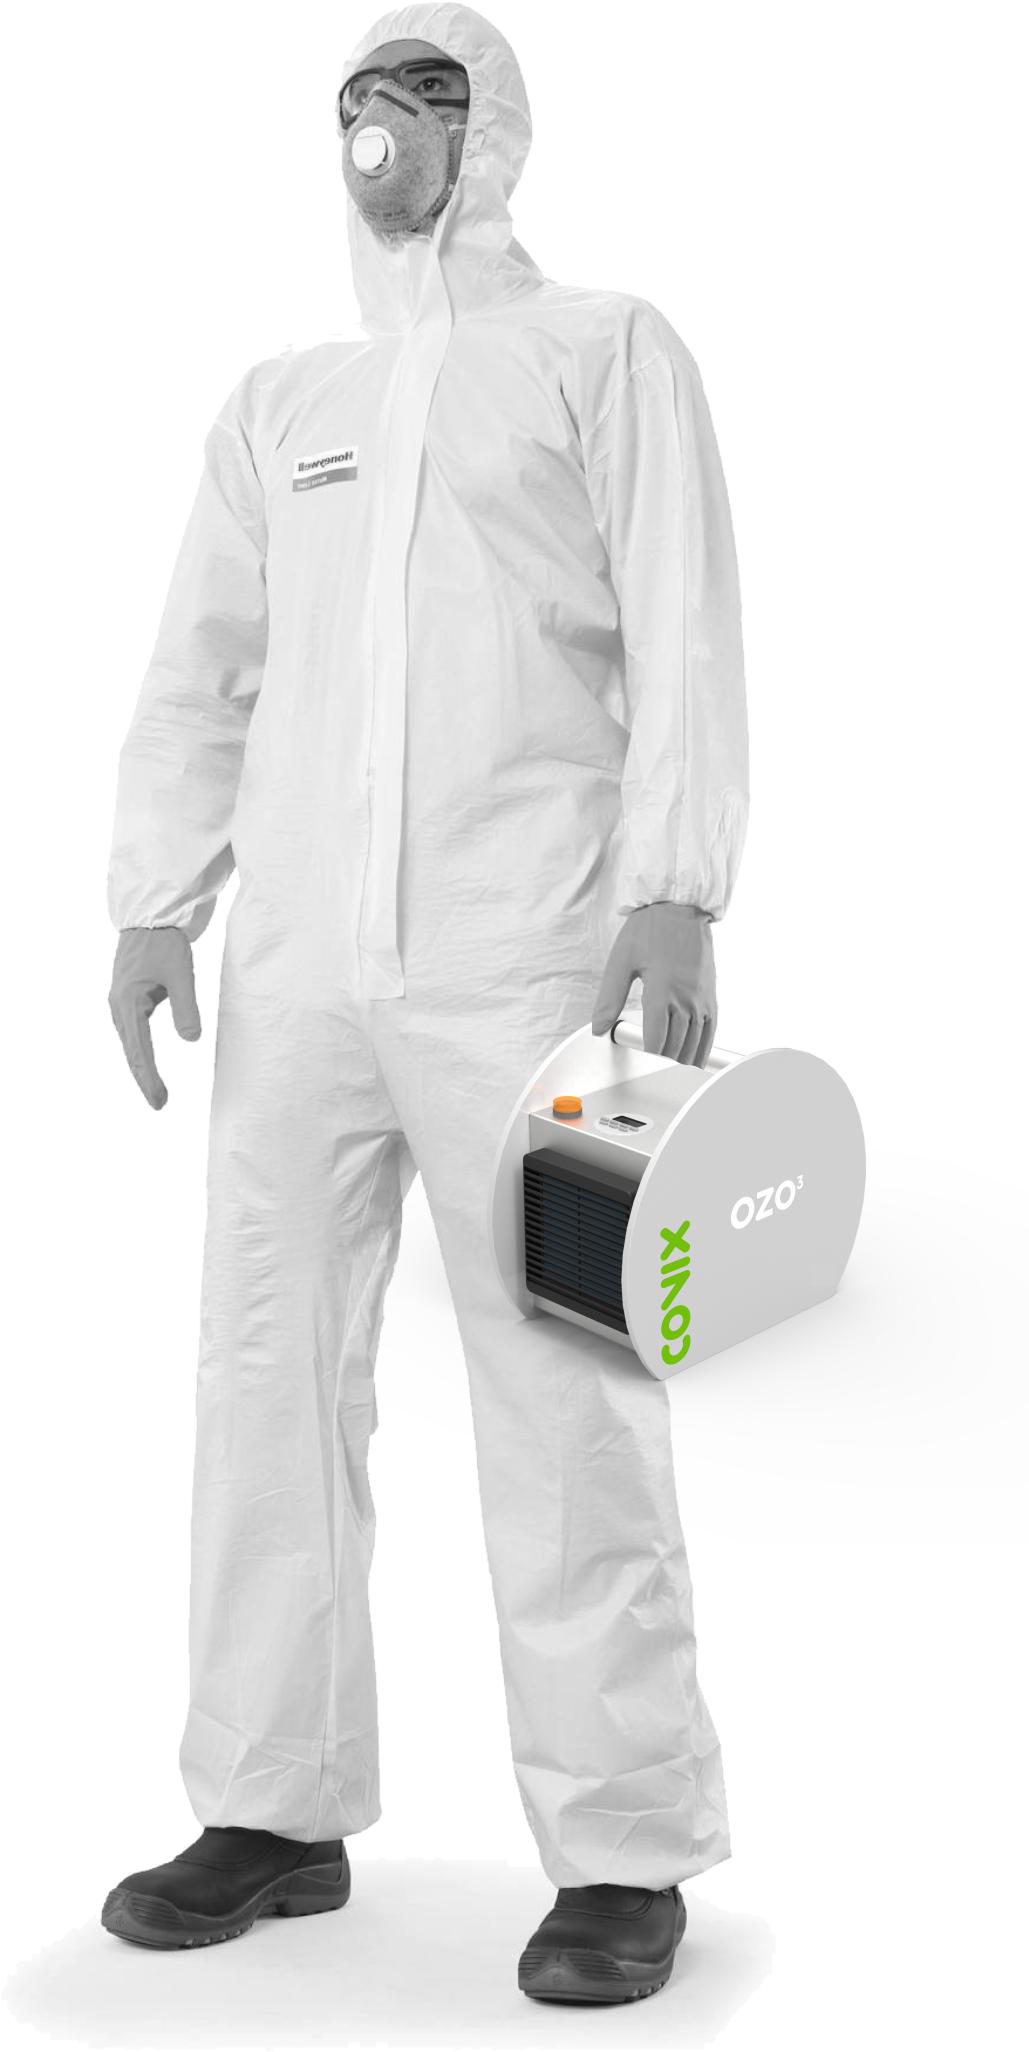 Ozoniseur portable pour la désinfection des locaux